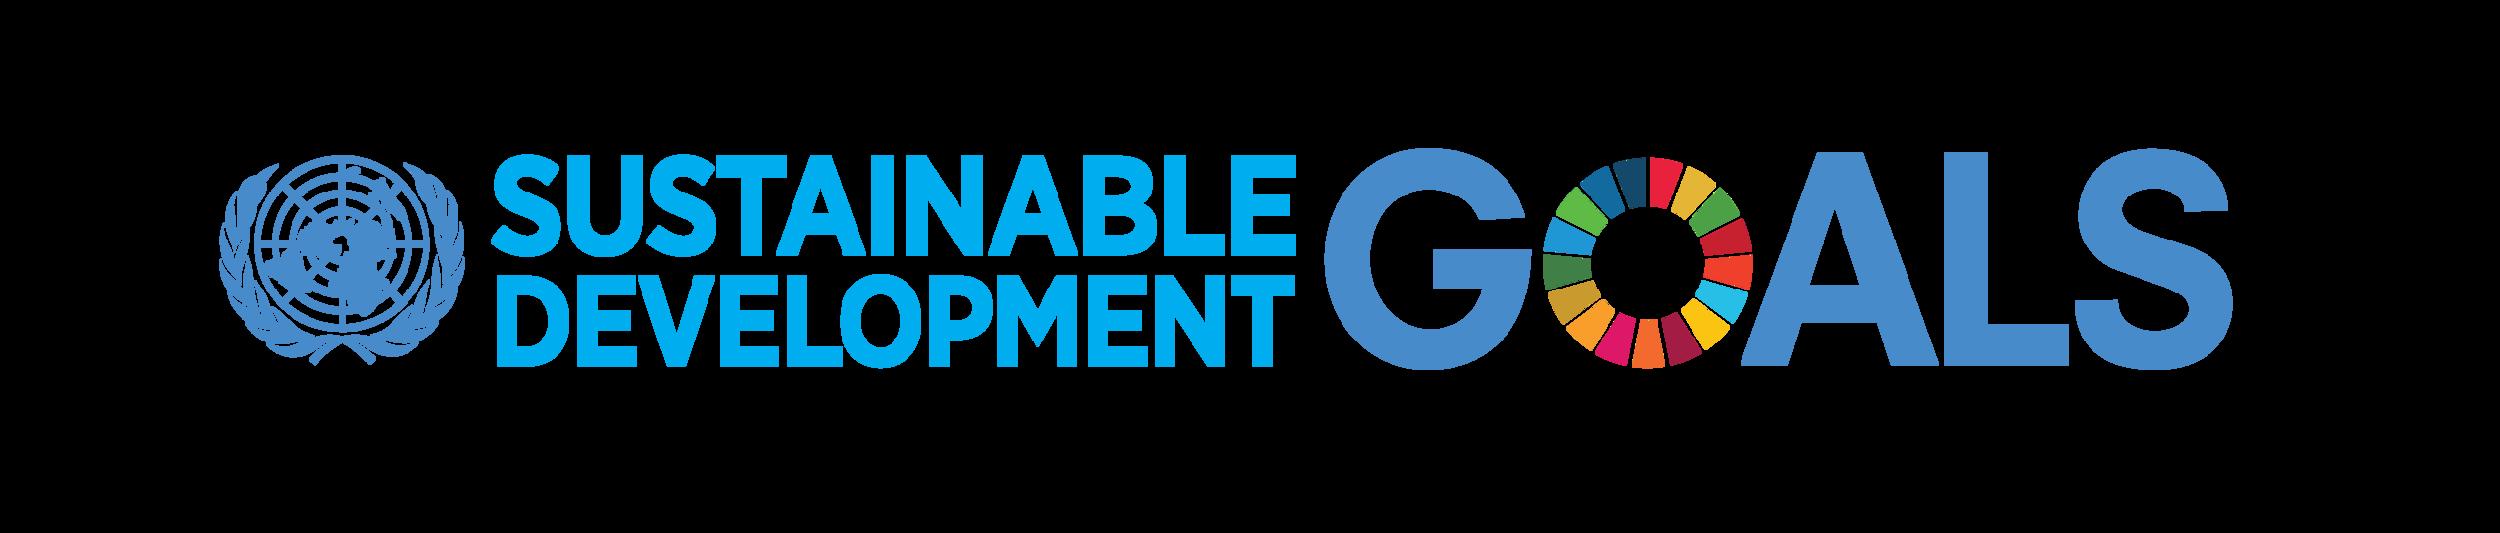 UNSustainableDevelopmentGoals_Brand